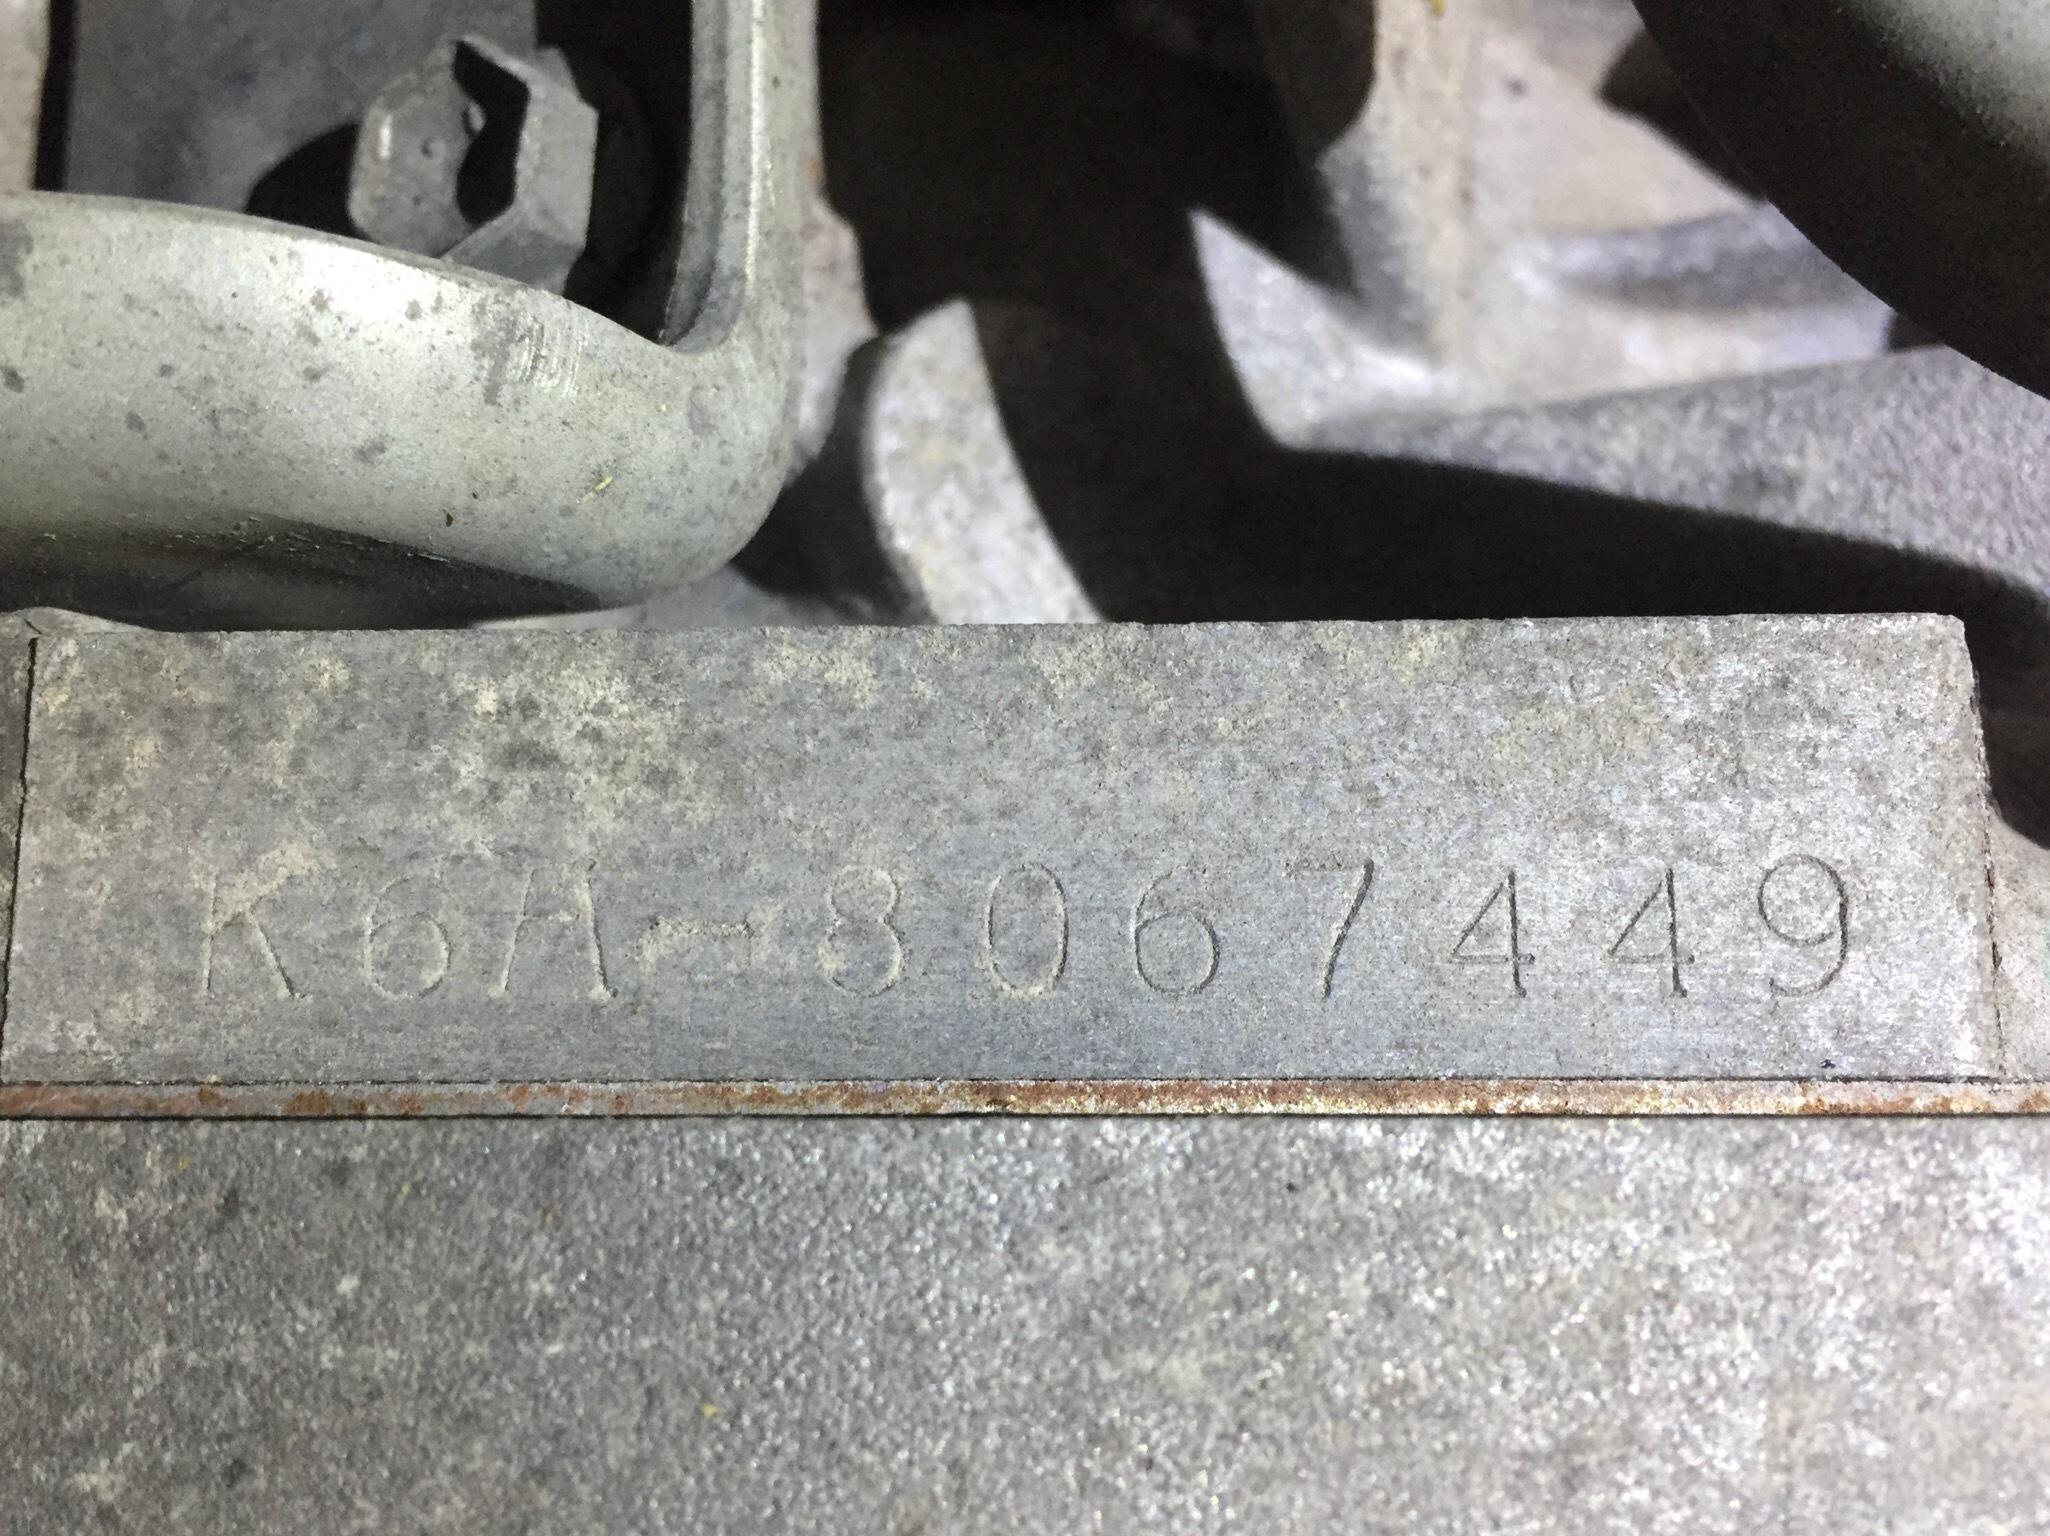 エンジン&トランスミッション - ワゴンR  Ref:SP281347_1     4/4